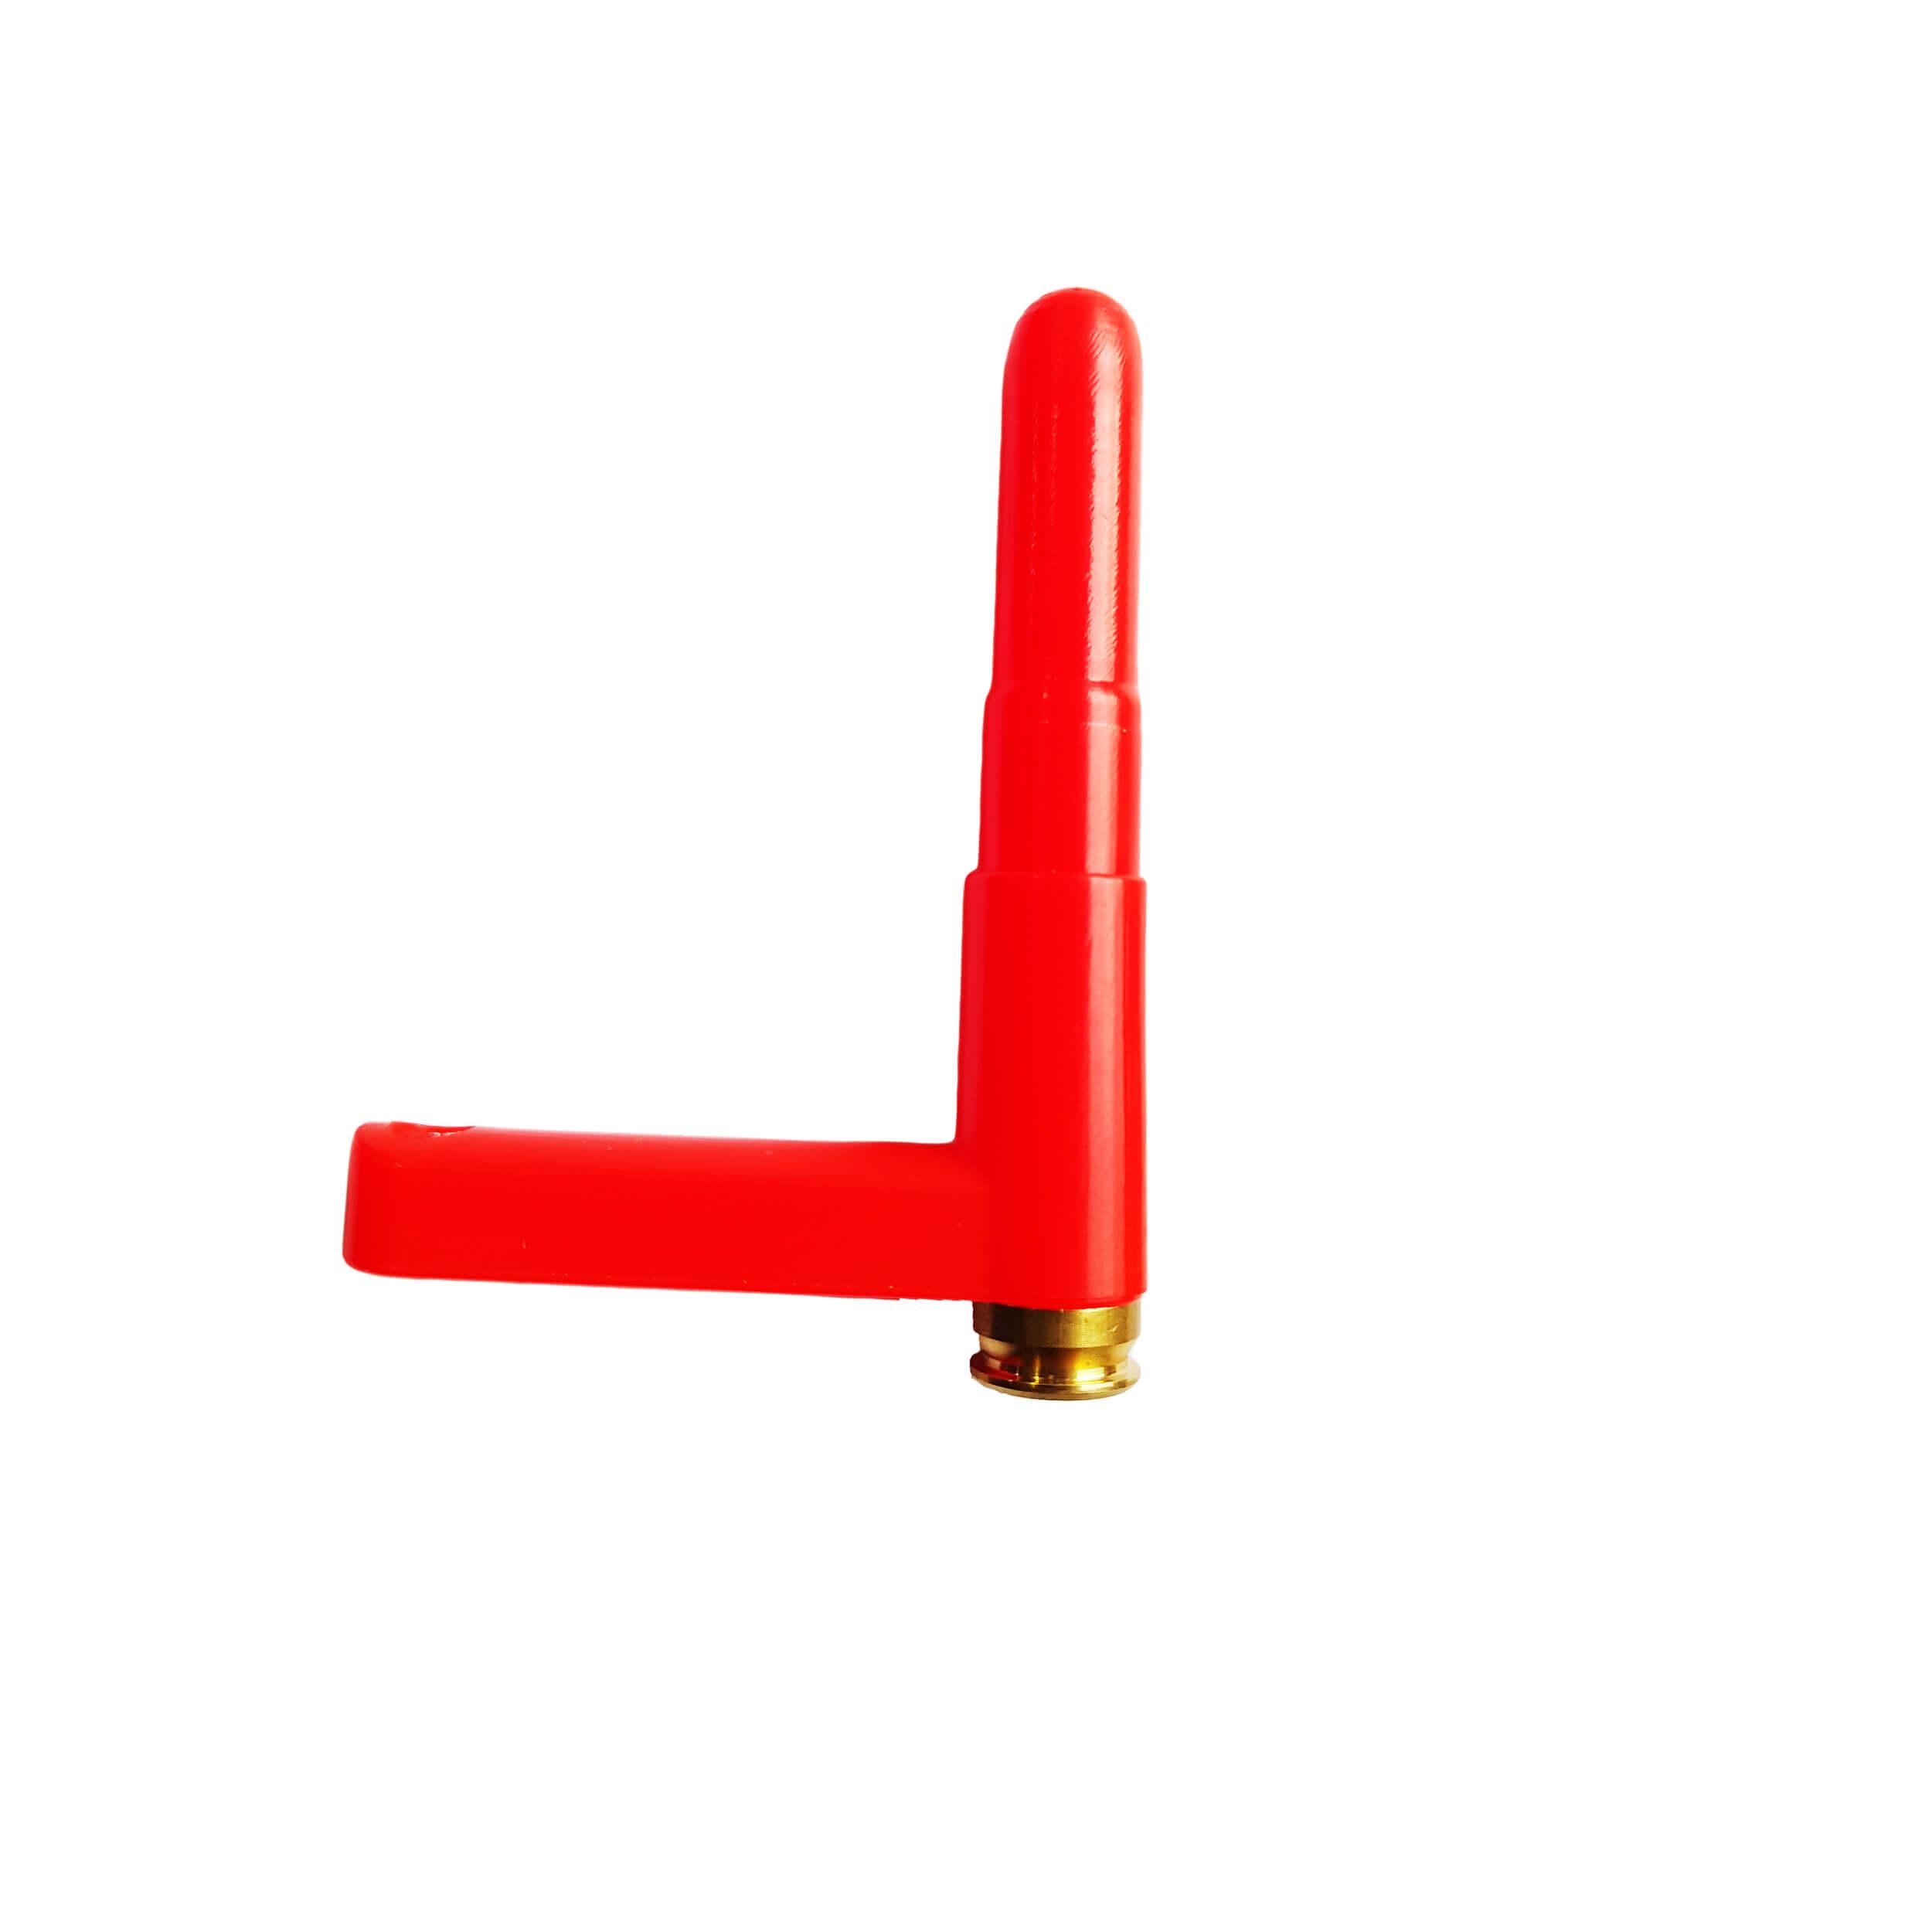 Tactical Barrel Blocker in Calibre .223 REM (1 piece)